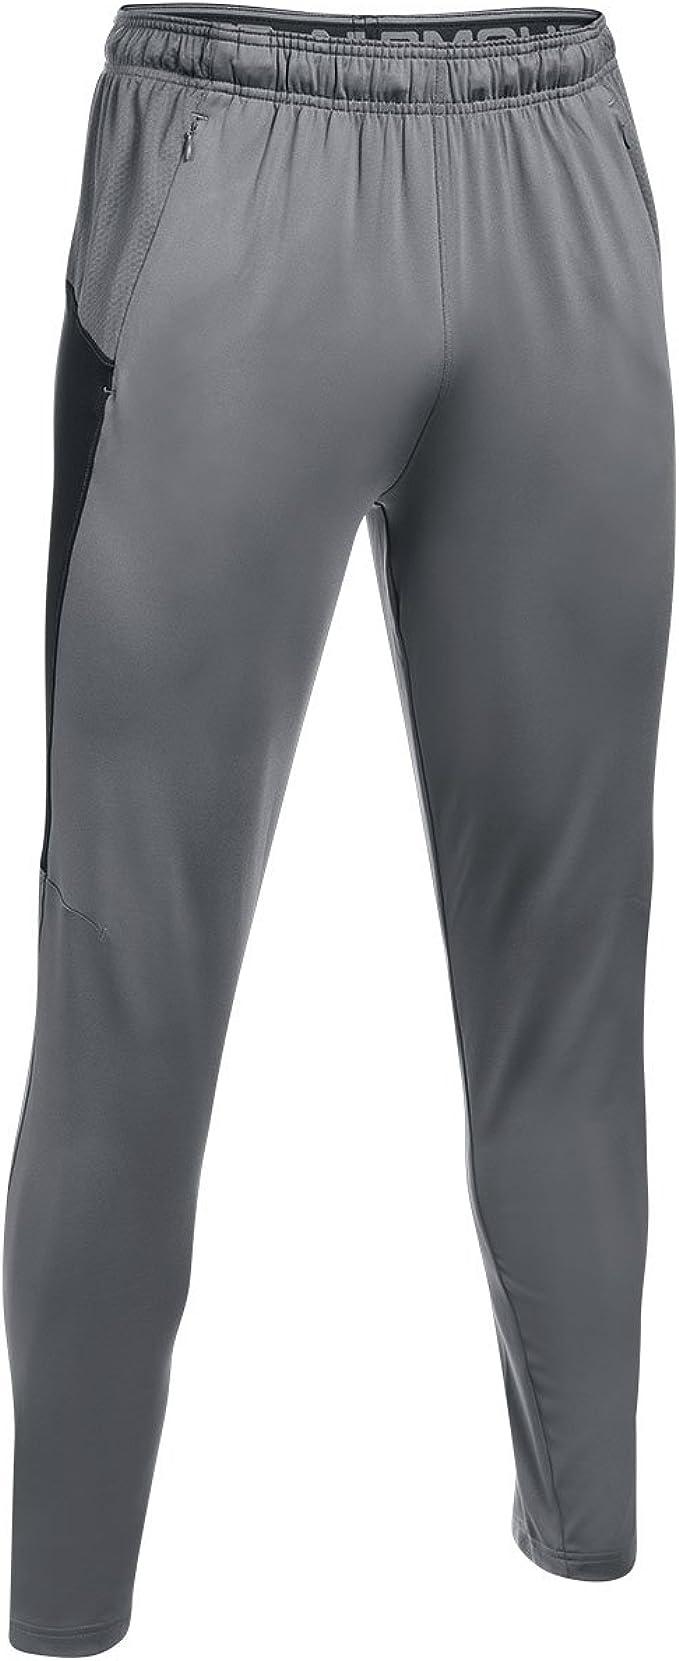 Under Armour Challenger II Knit Pant Pantalones, Hombre: Amazon.es ...